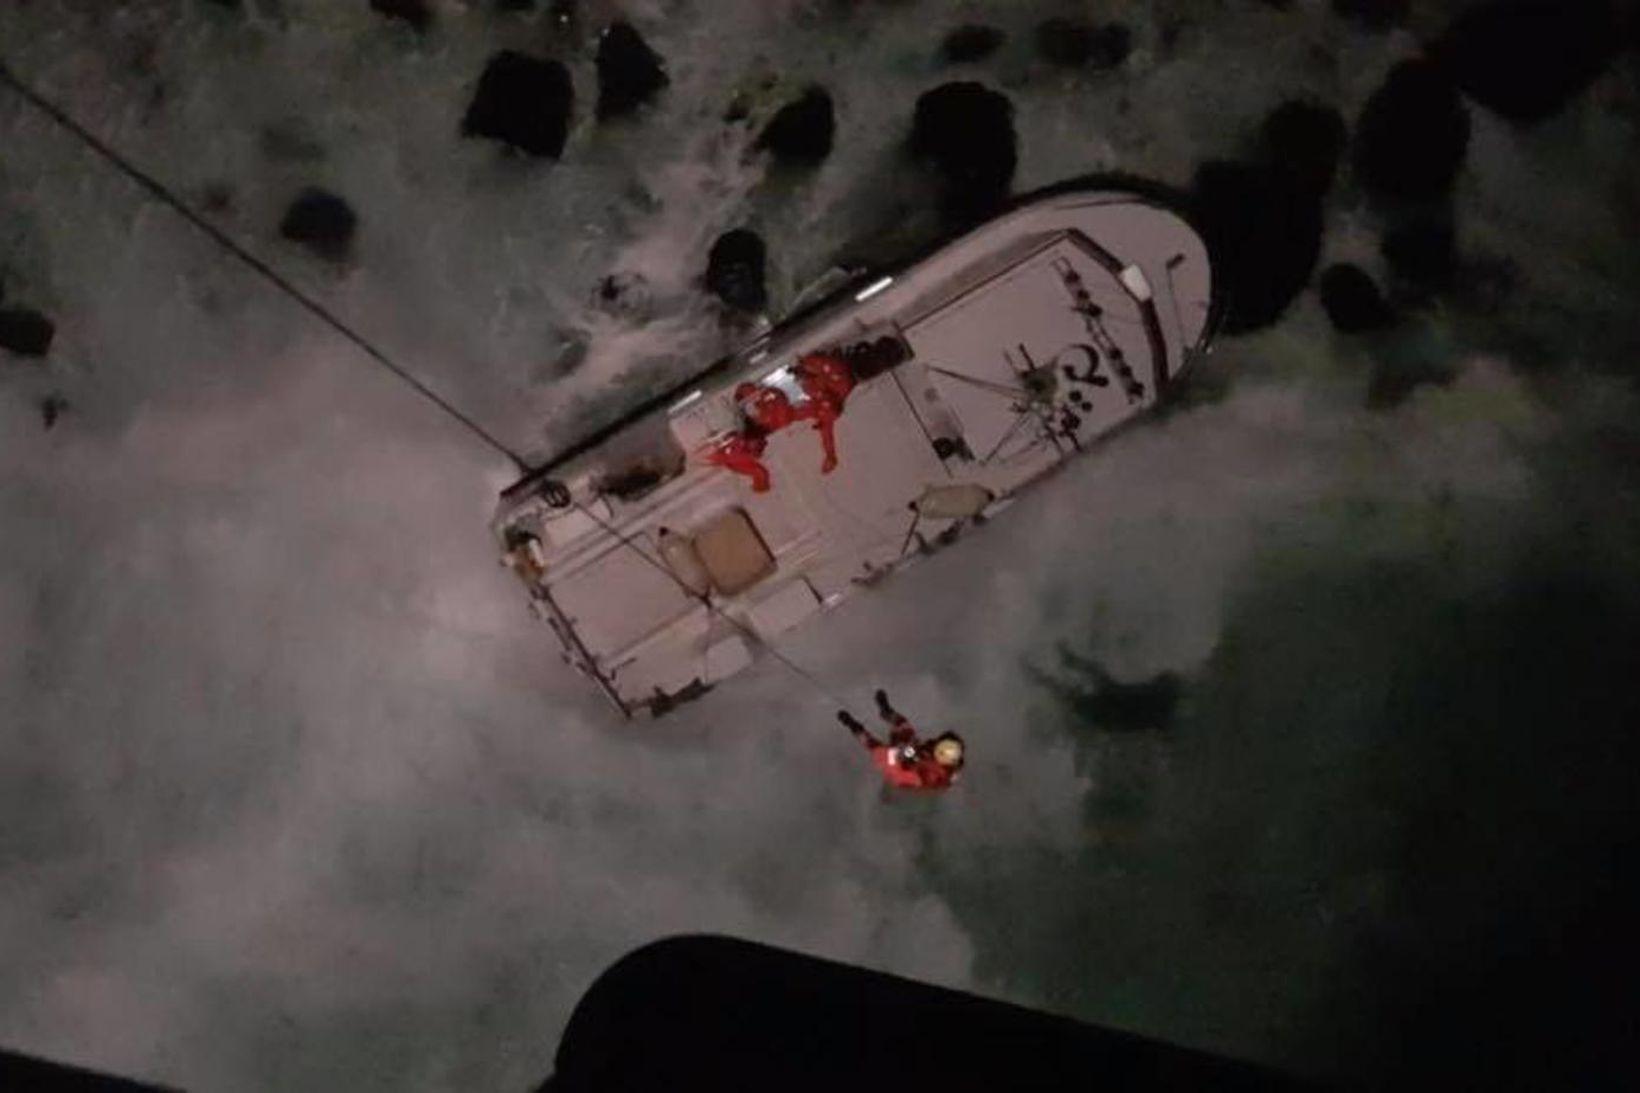 Áhöfn þyrlu Landhelgisgæslunnar kom skipverjum til bjargar.